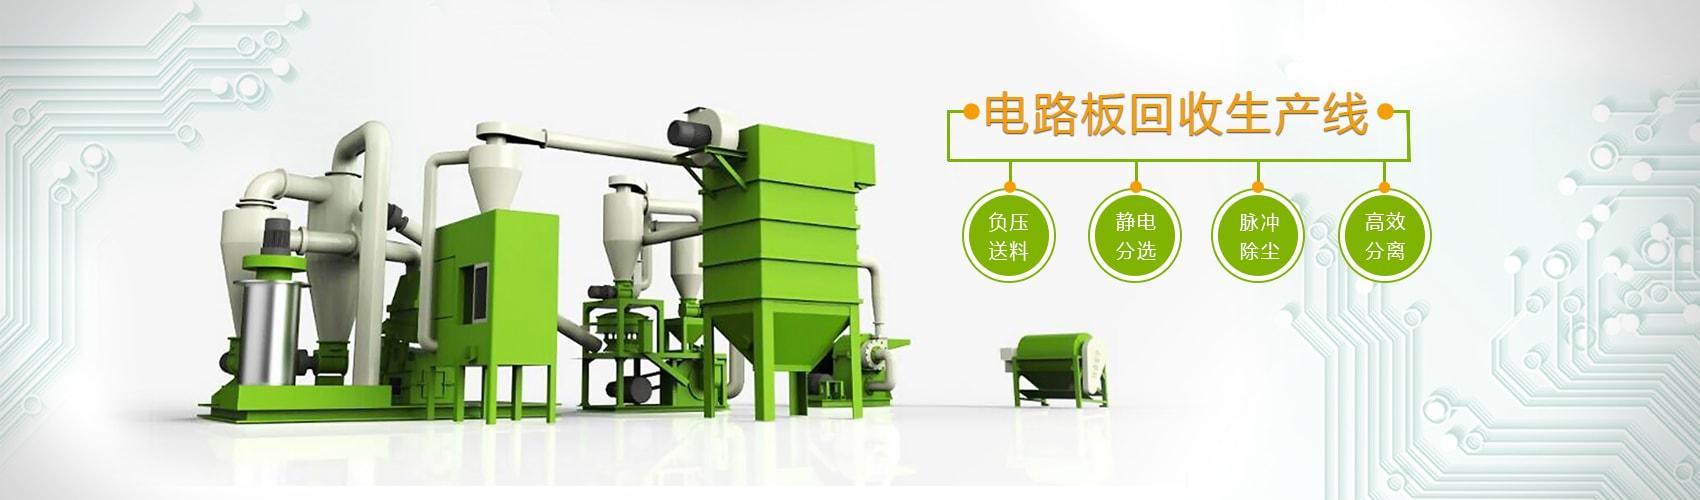 废电路板回收设备